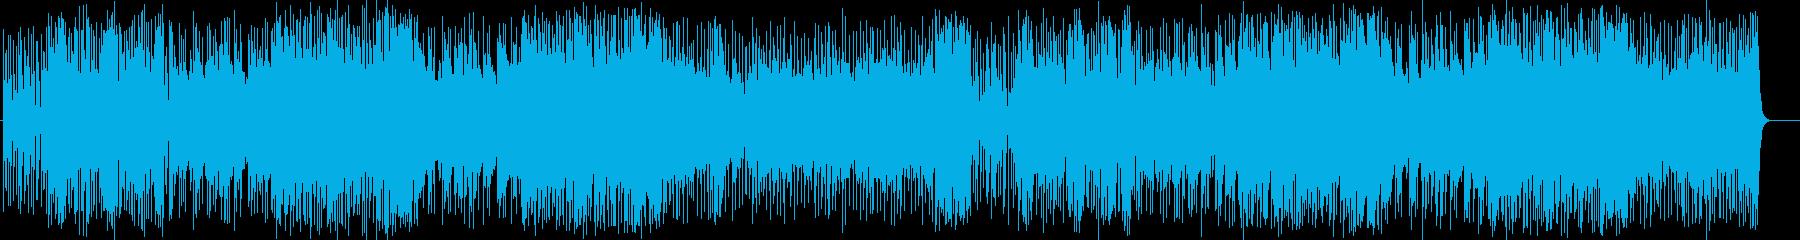 鋭いギターとユニゾンが印象的なナンバーの再生済みの波形